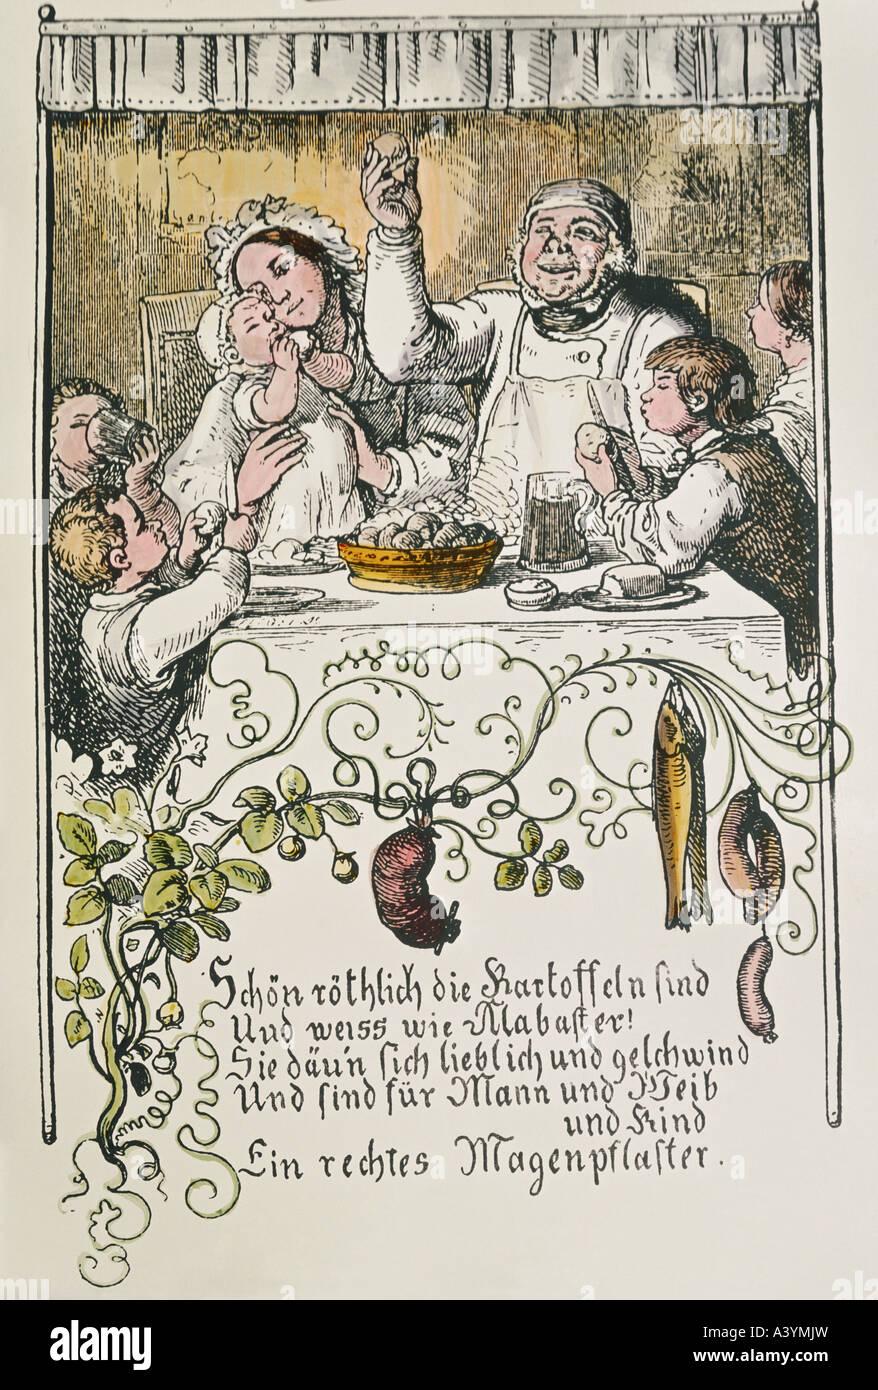 Nahrungsmittel und Getränke, Kartoffeln, Gedicht auf Kartoffel ...